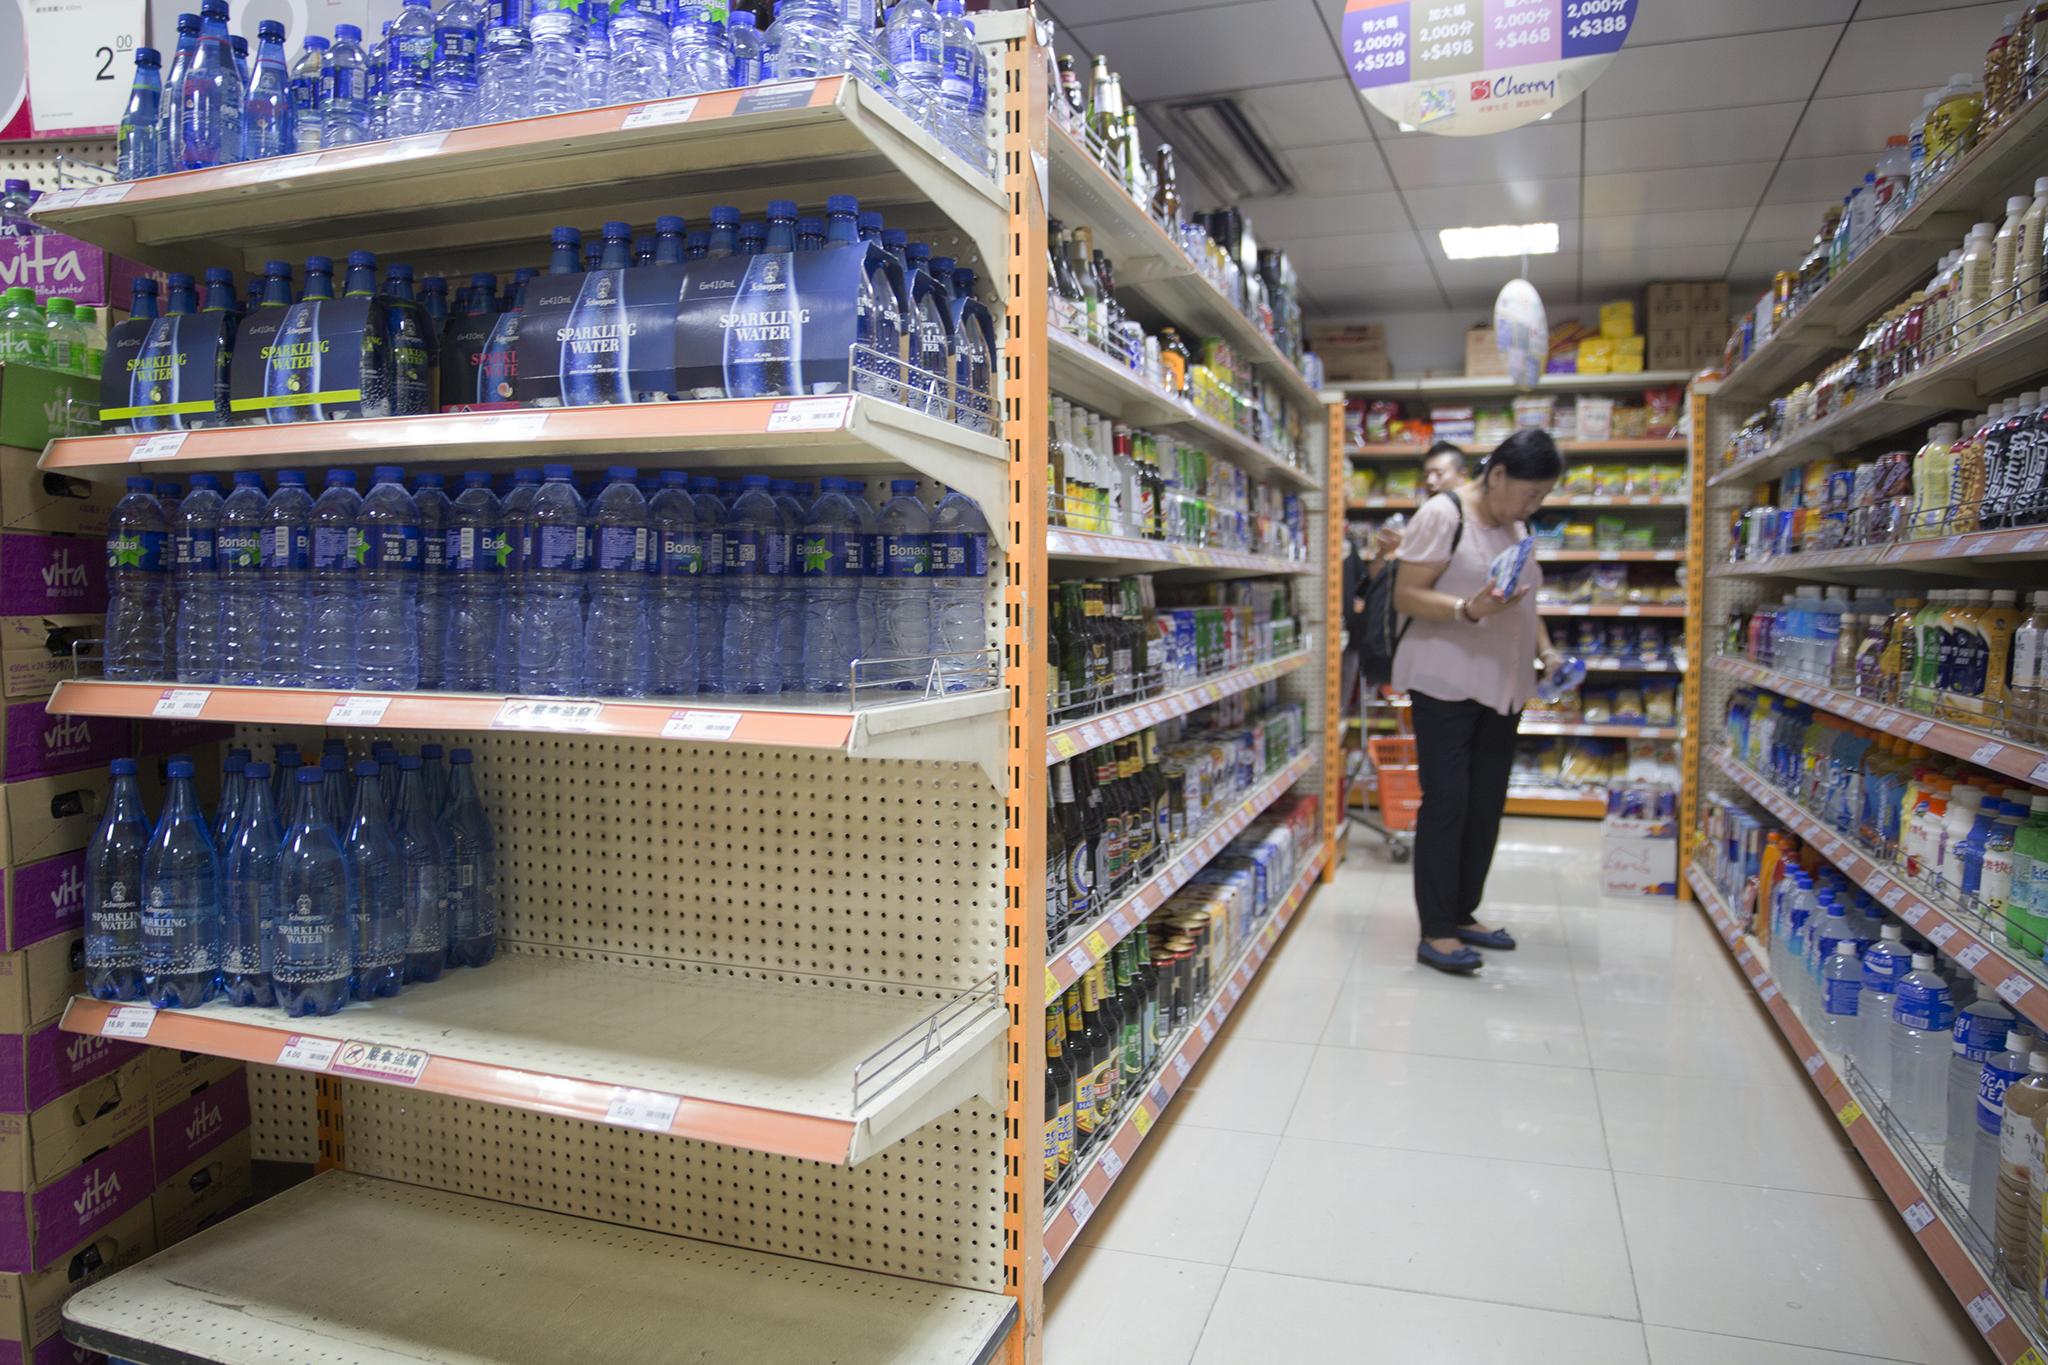 Tufão   Corrida a produtos essenciais esvazia prateleiras de supermercados